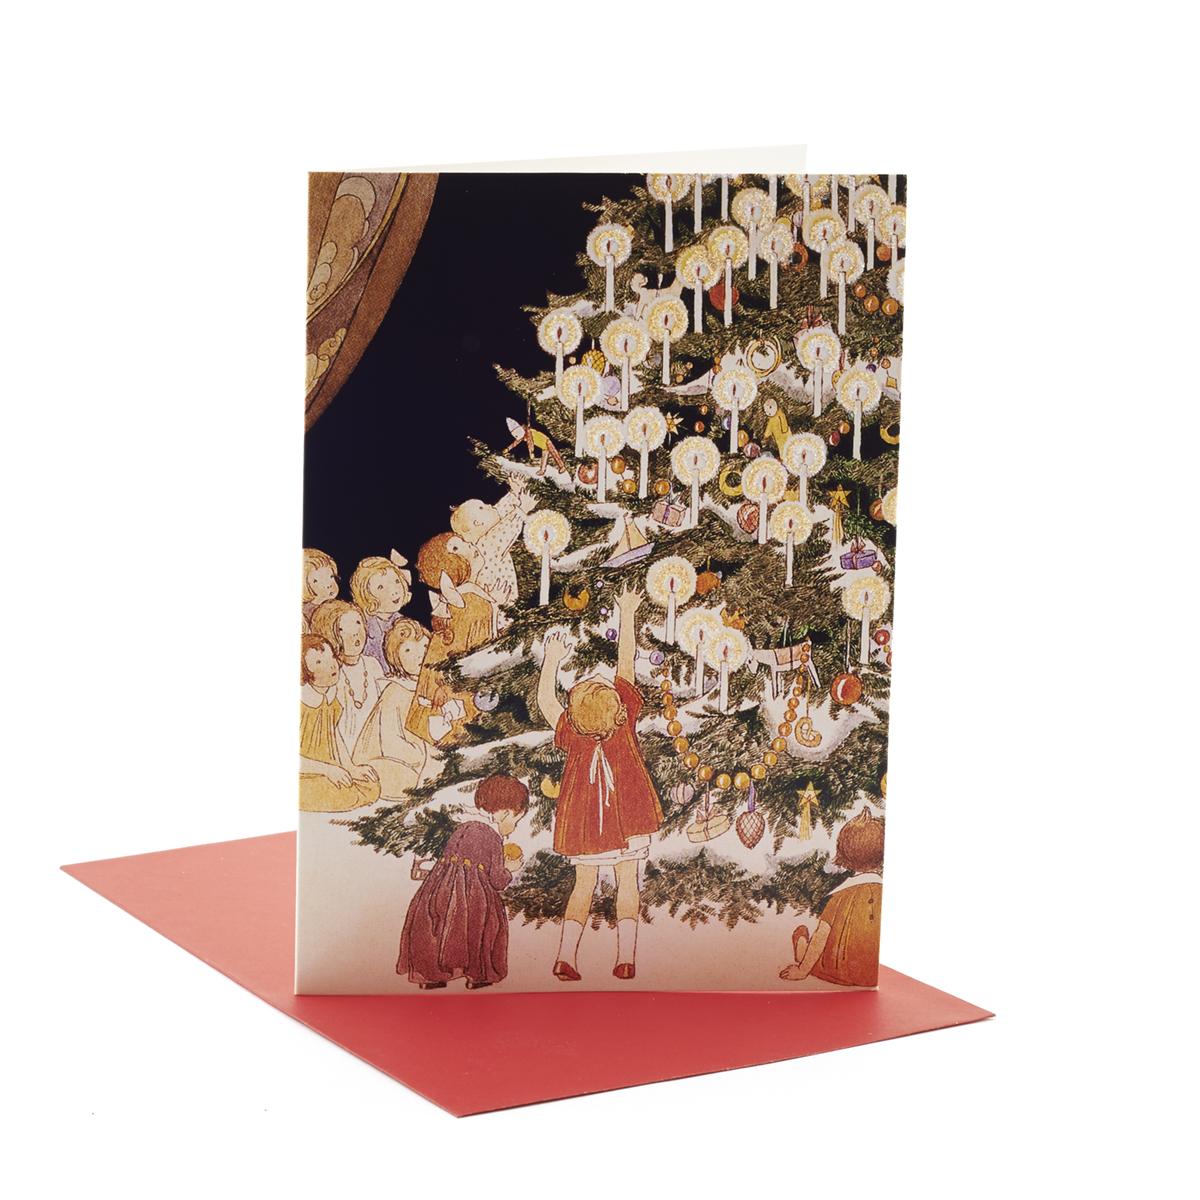 Photo Christmas Card Va A The First Christmas Card